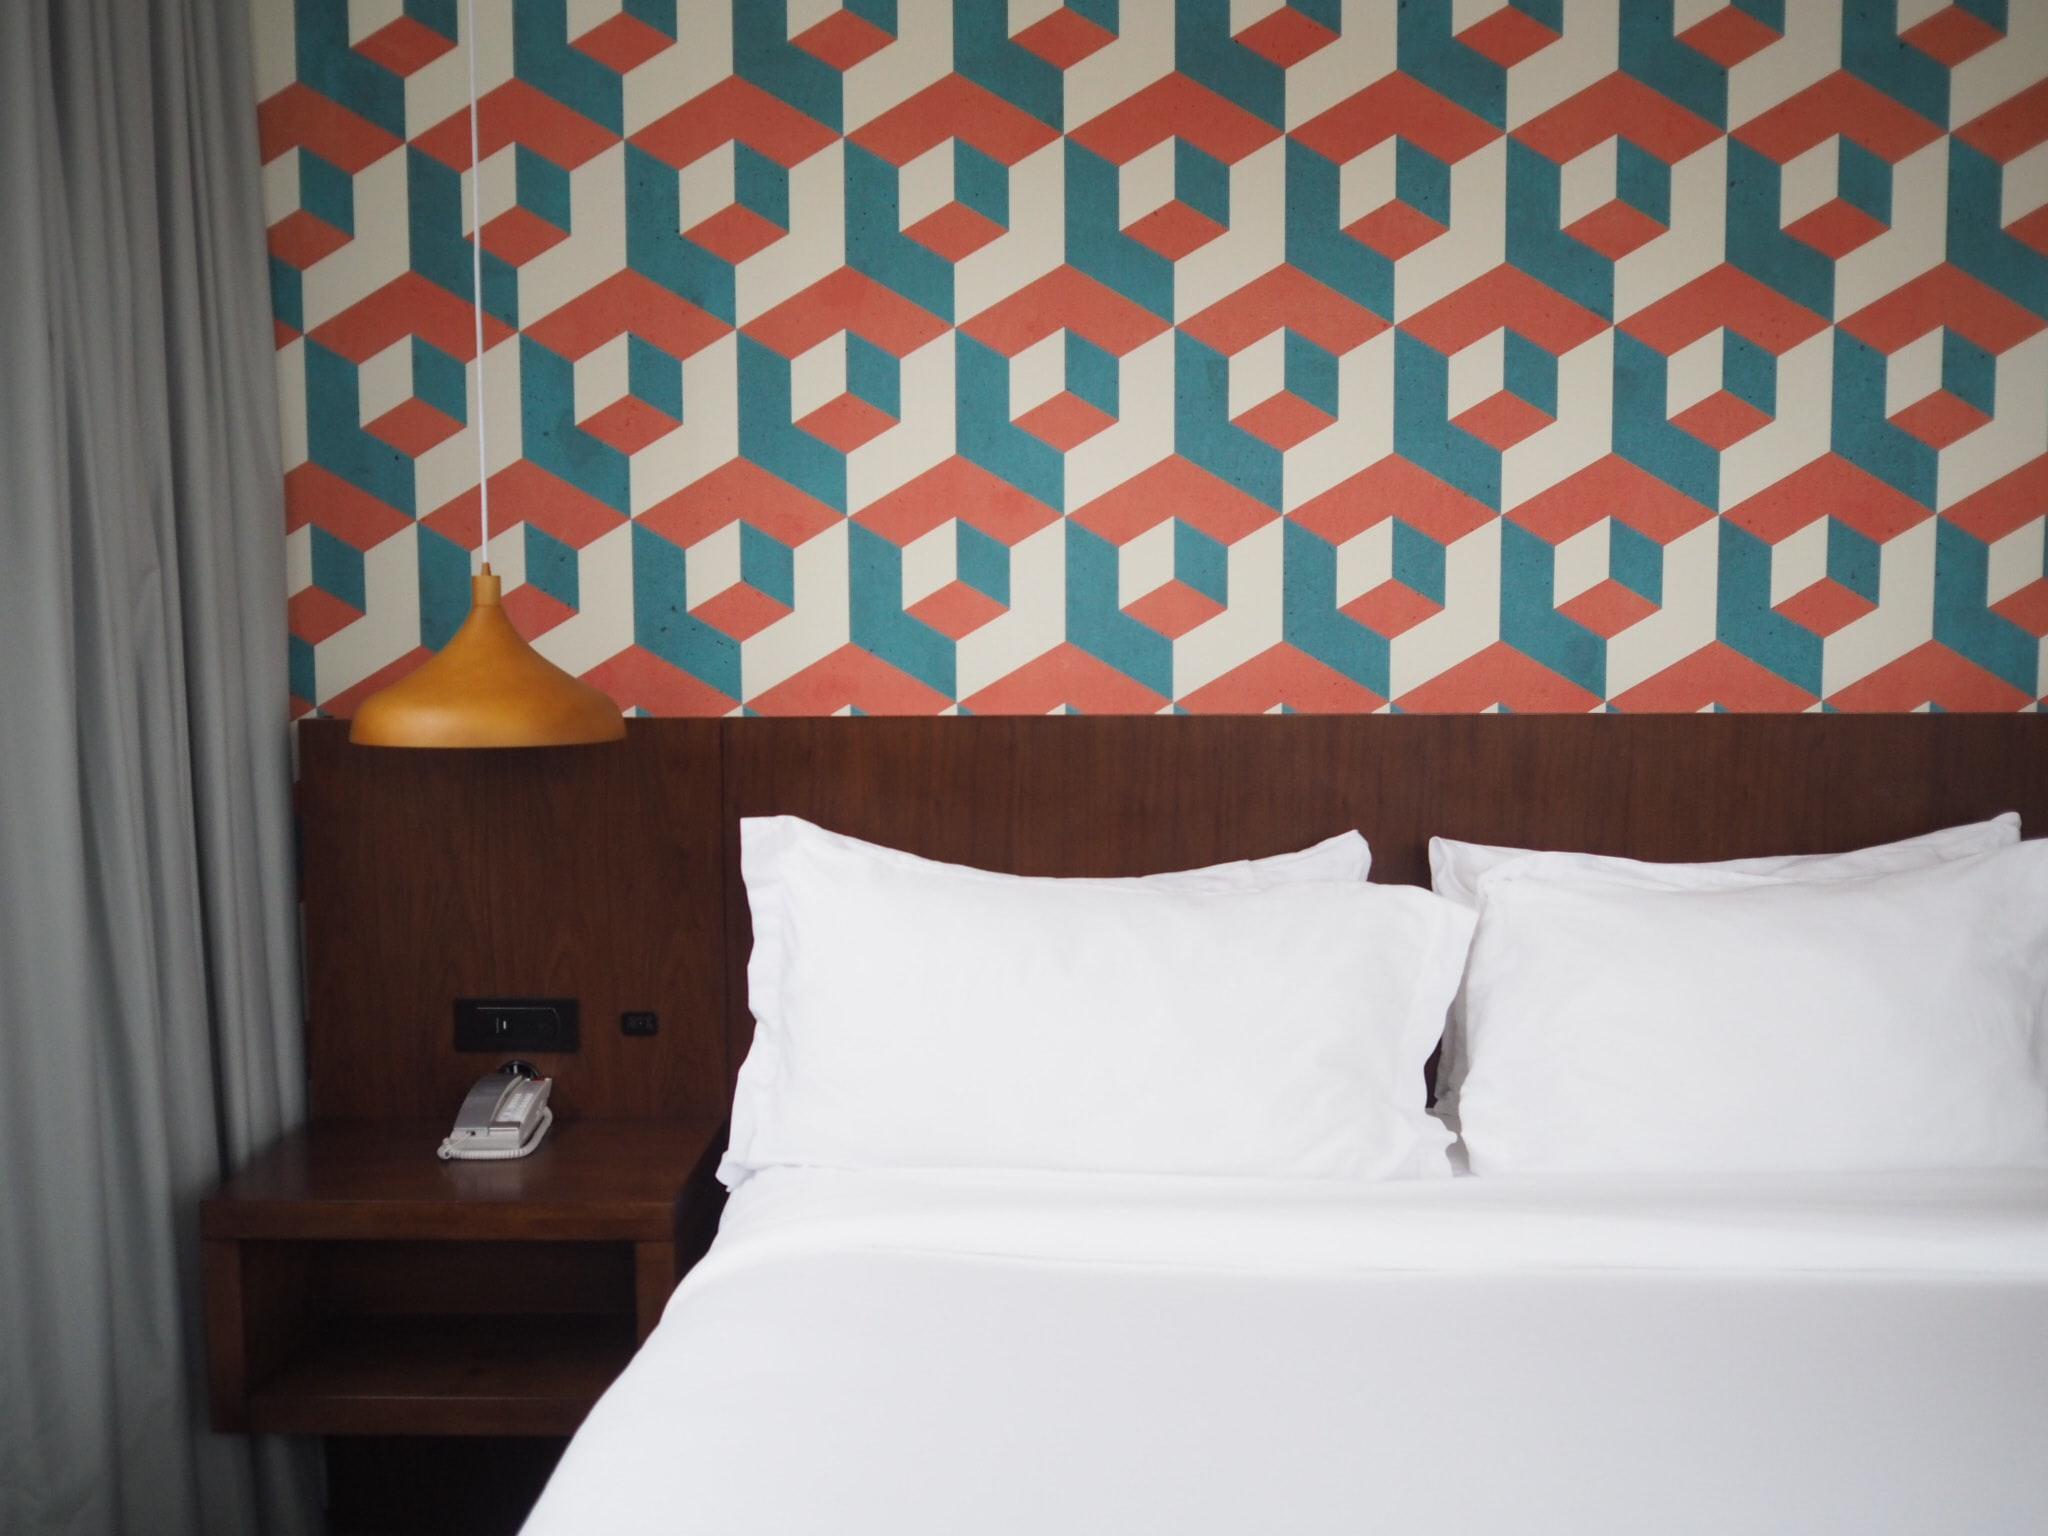 6 Ide Wallpaper Kamar Tidur Untuk Orang Dewasa